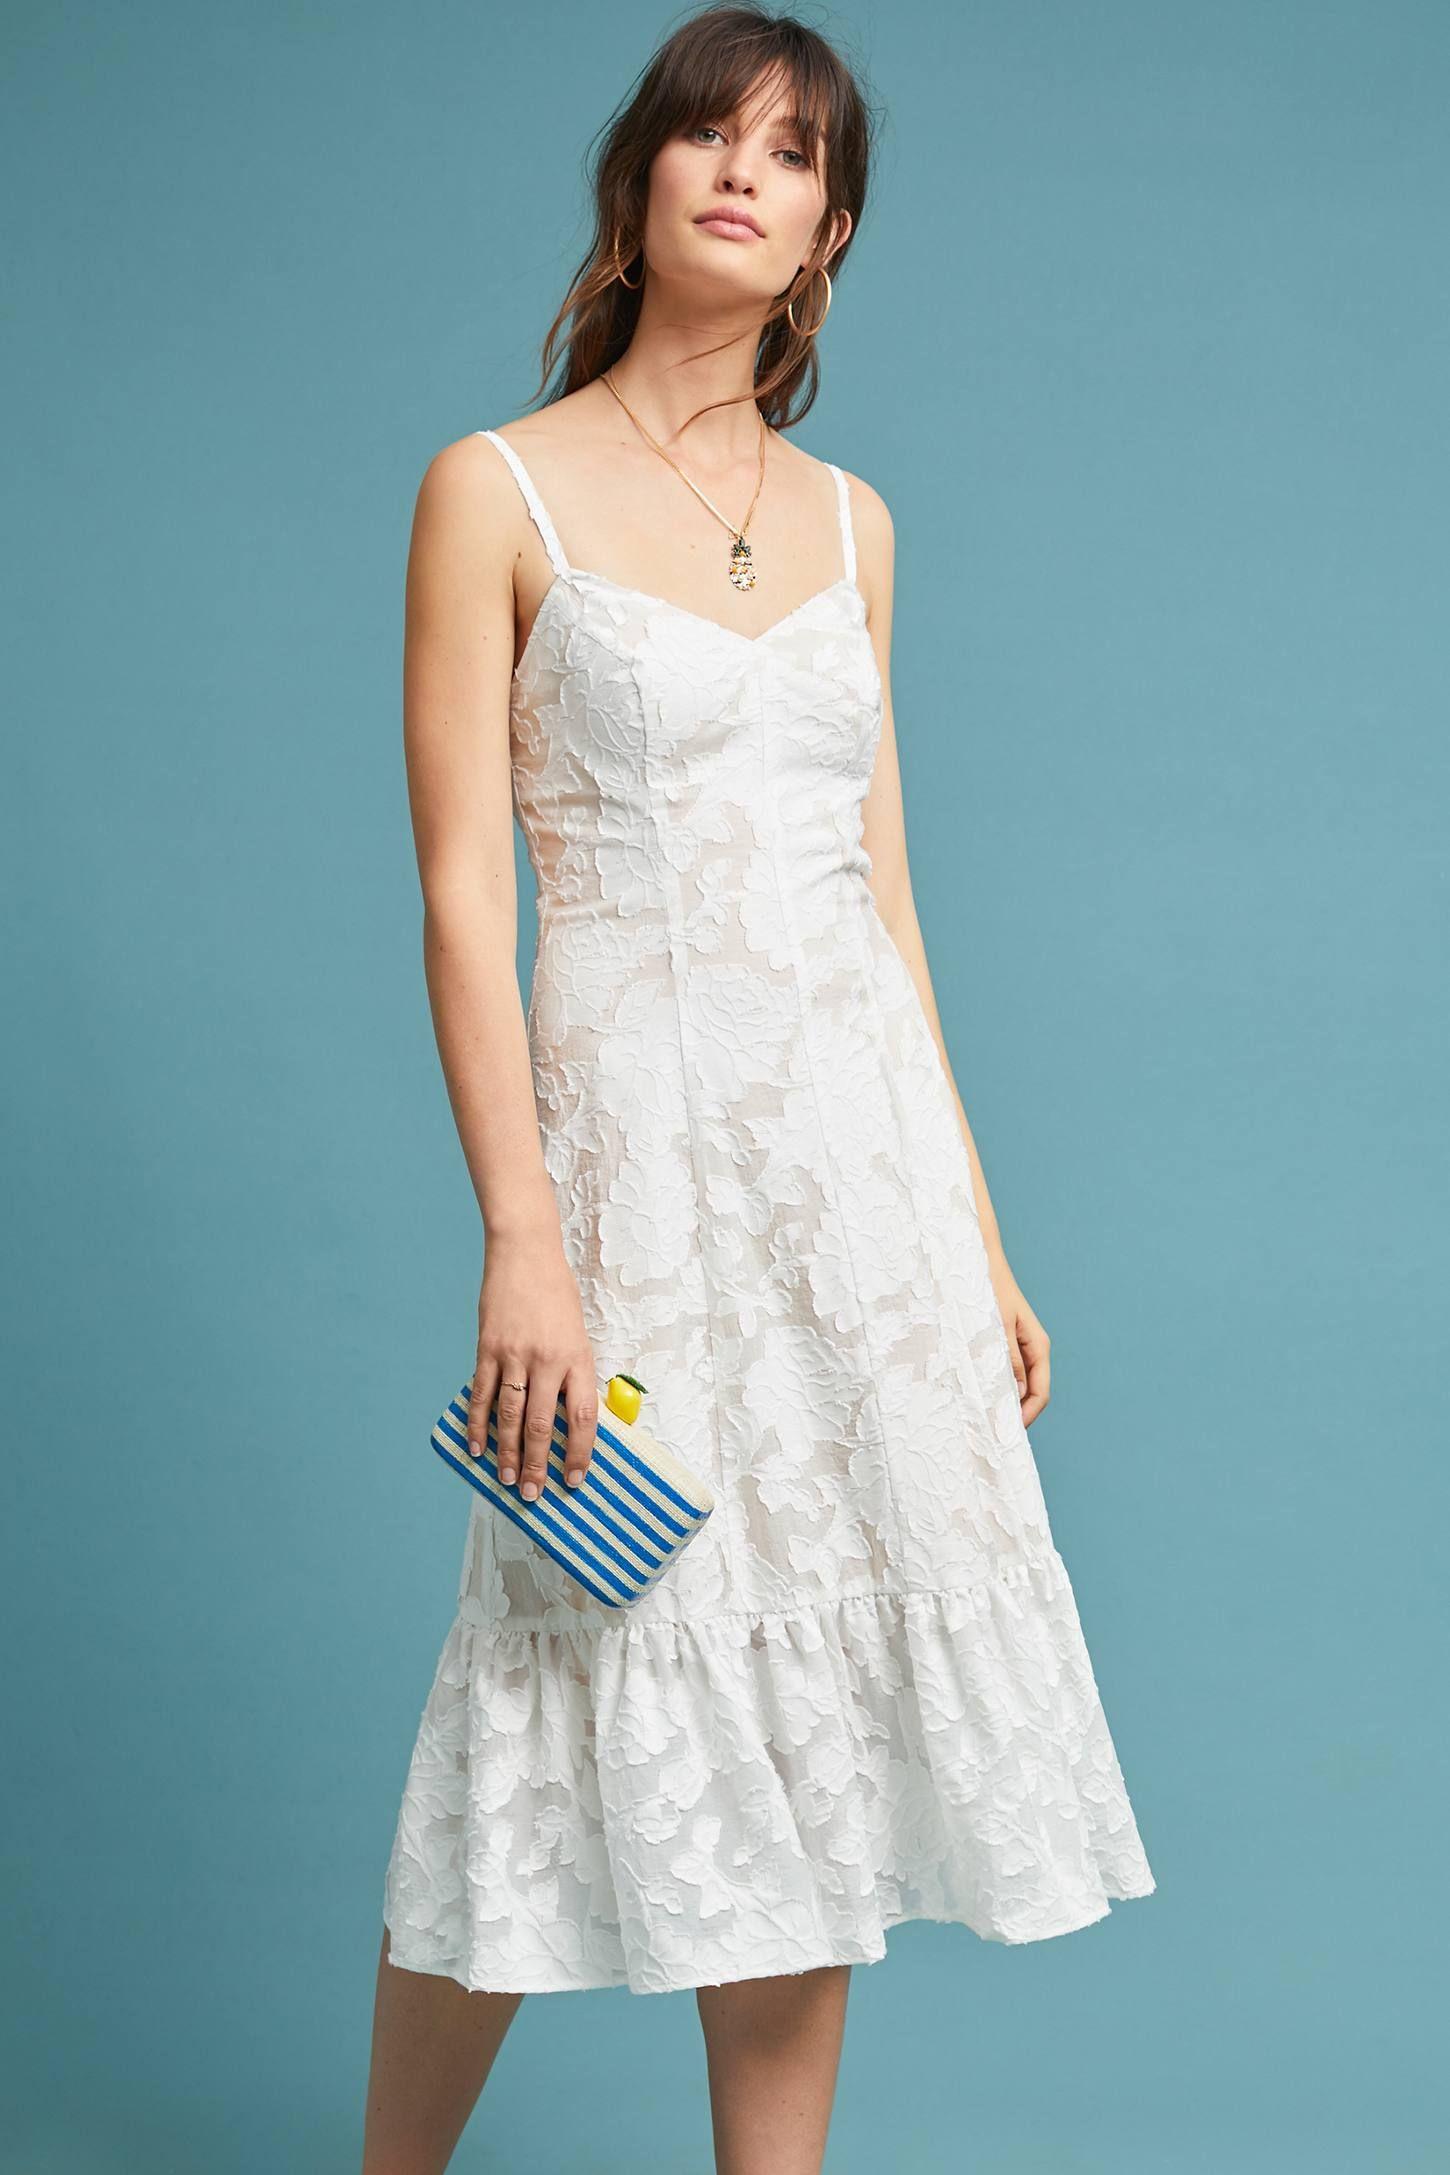 d5e82e36a1d0 Summer Romance Dress   I dream in Couture   Summer romance, Women's ...